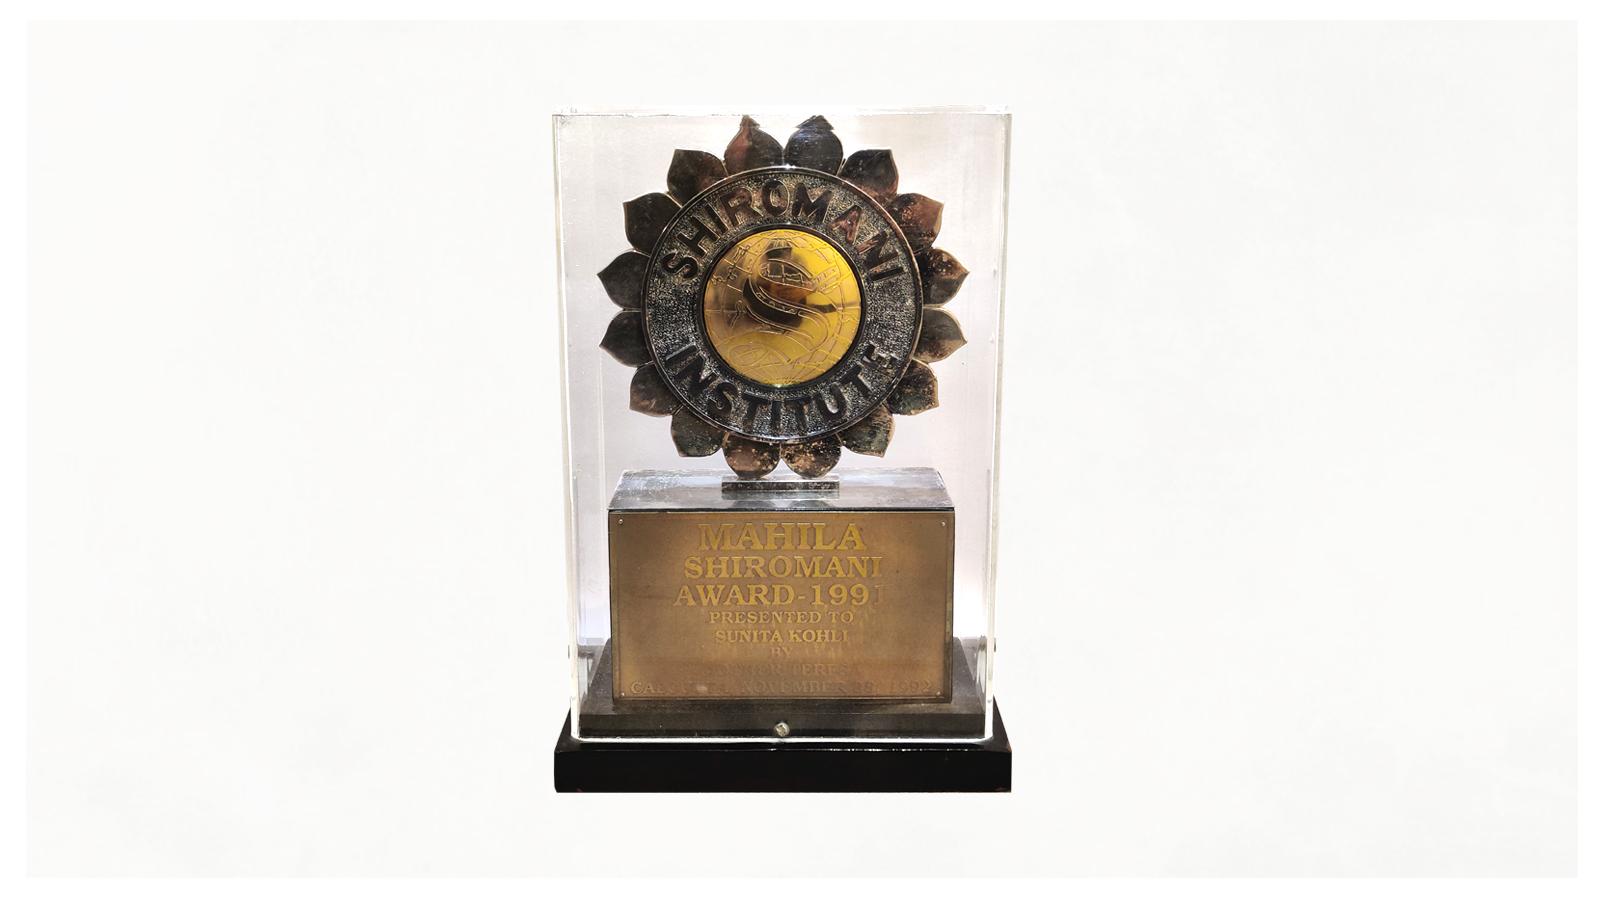 Mahila Shiromani Award 1991